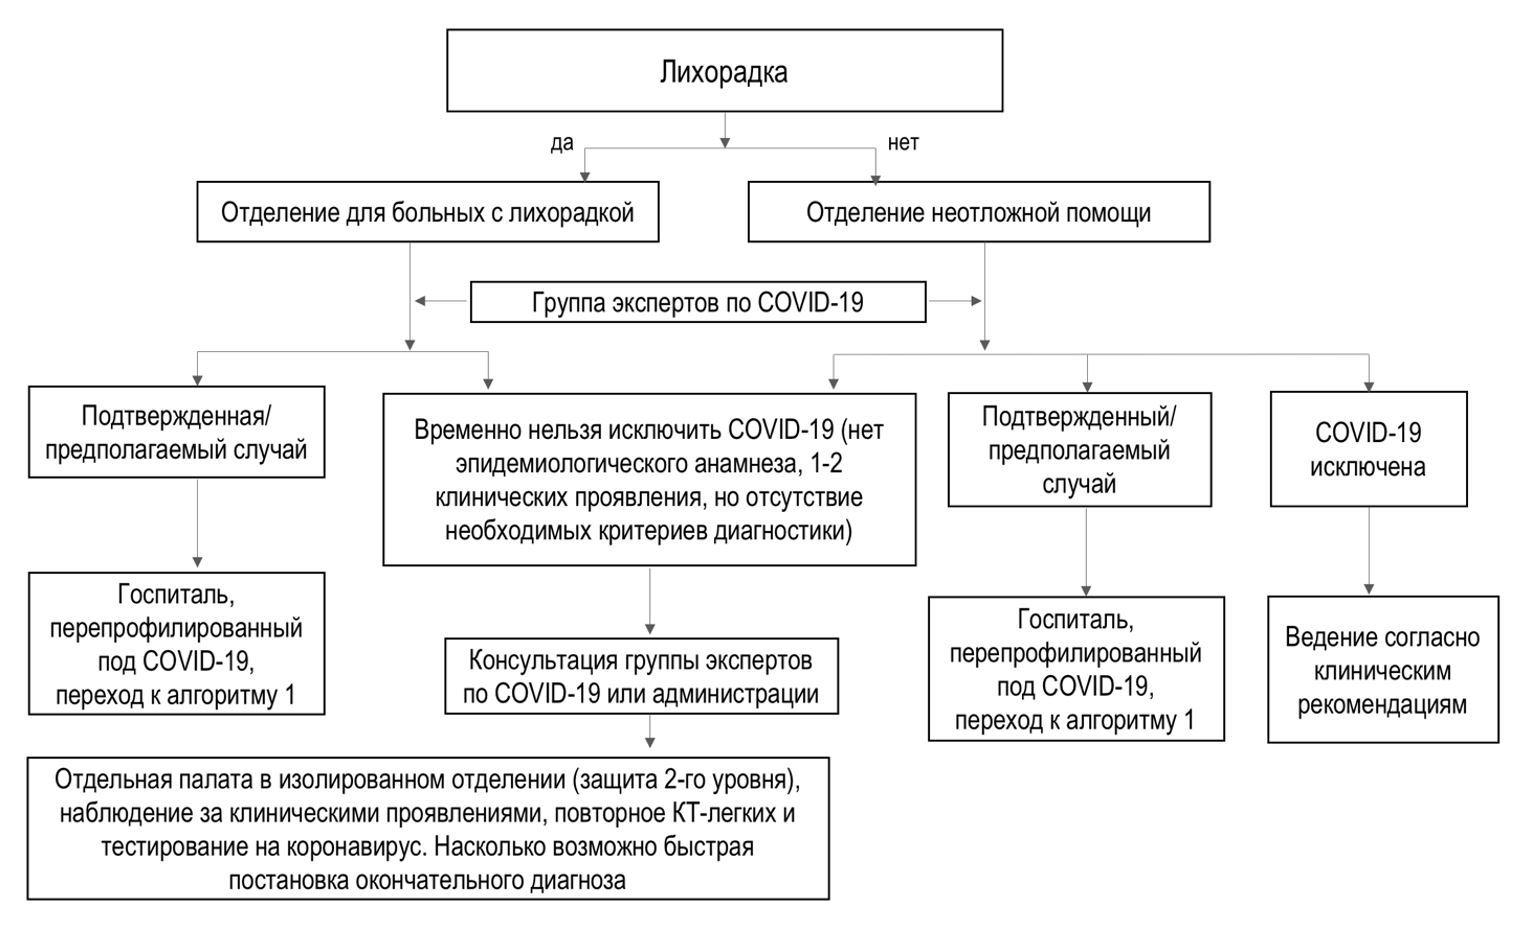 Алгоритм 2. Лечение неотложных сердечно-сосудистых заболеваний в регионах с низкой заболеваемостью COVID-19.